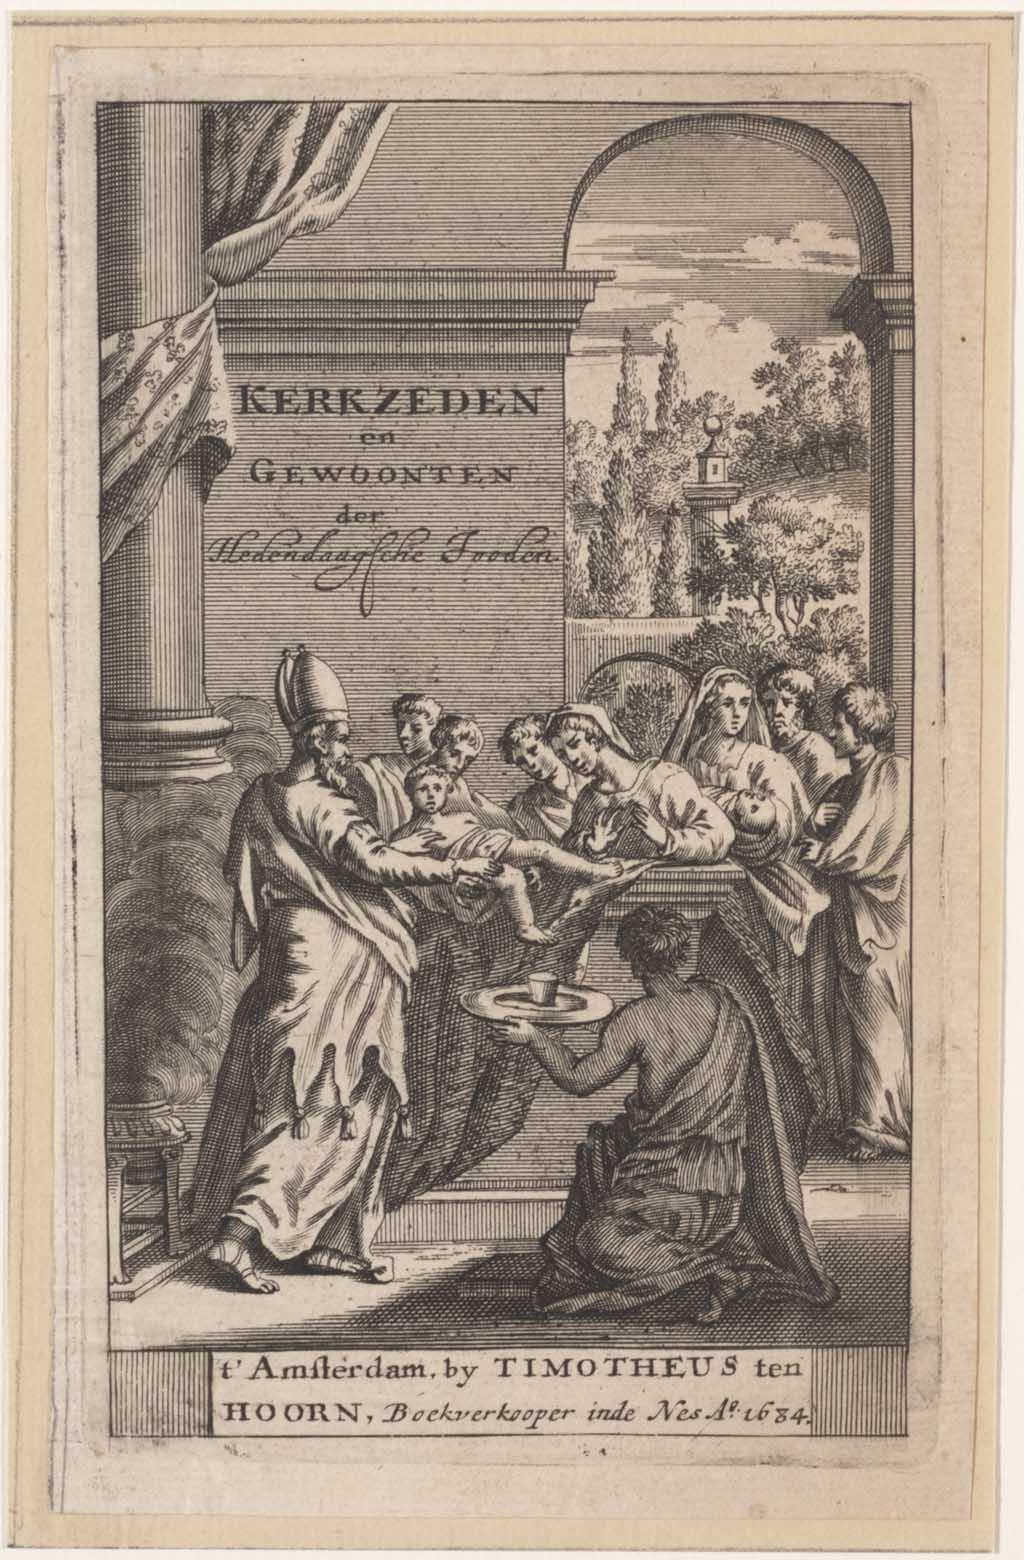 """Titelprent """"Kerkzeden en gewoonten der hedendaagsche jooden"""""""